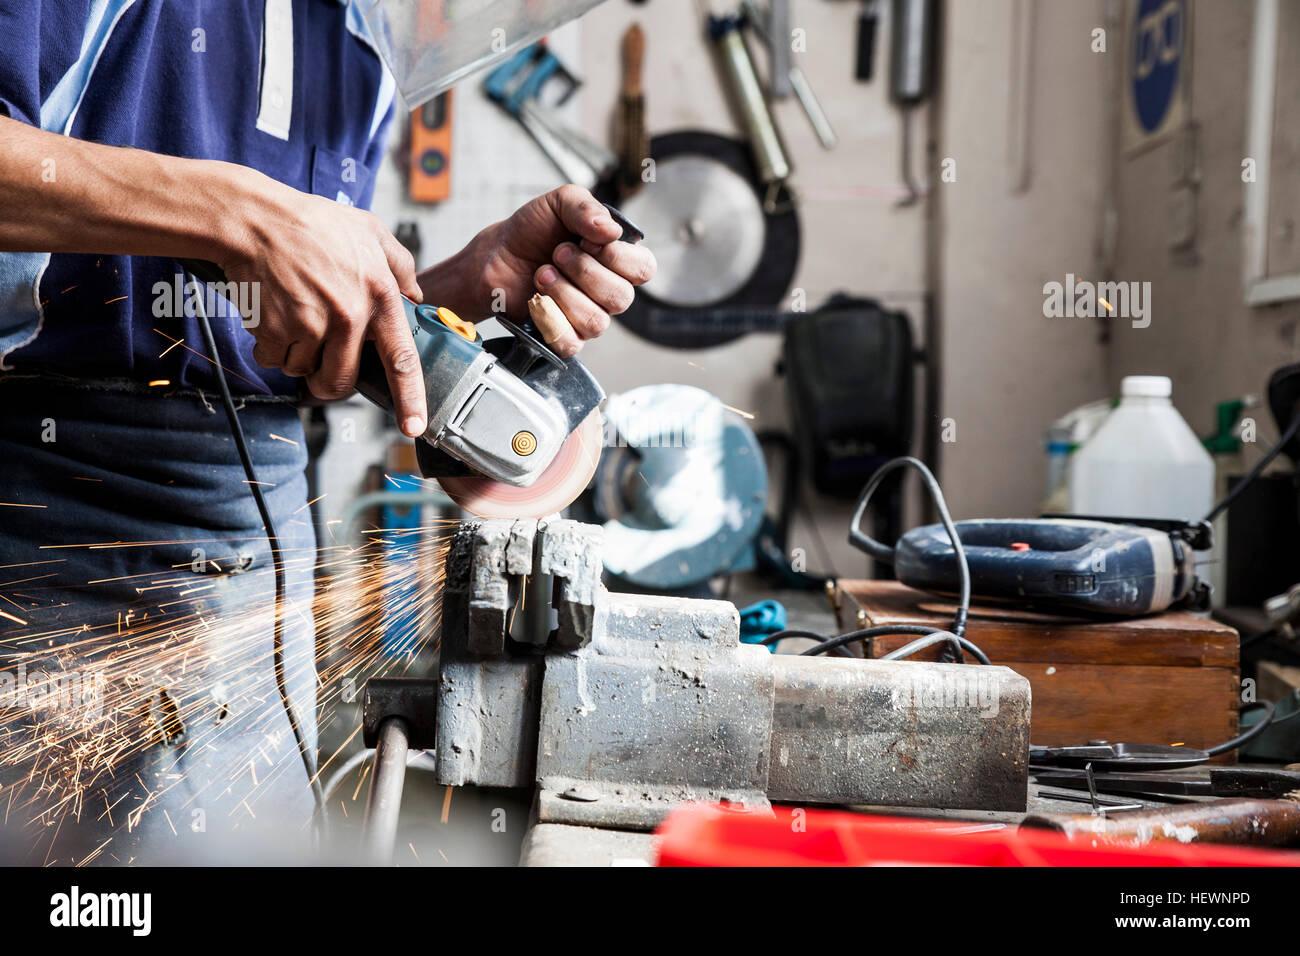 La sezione centrale del giovane uomo utilizzando smerigliatrice angolare in officina di riparazione Immagini Stock